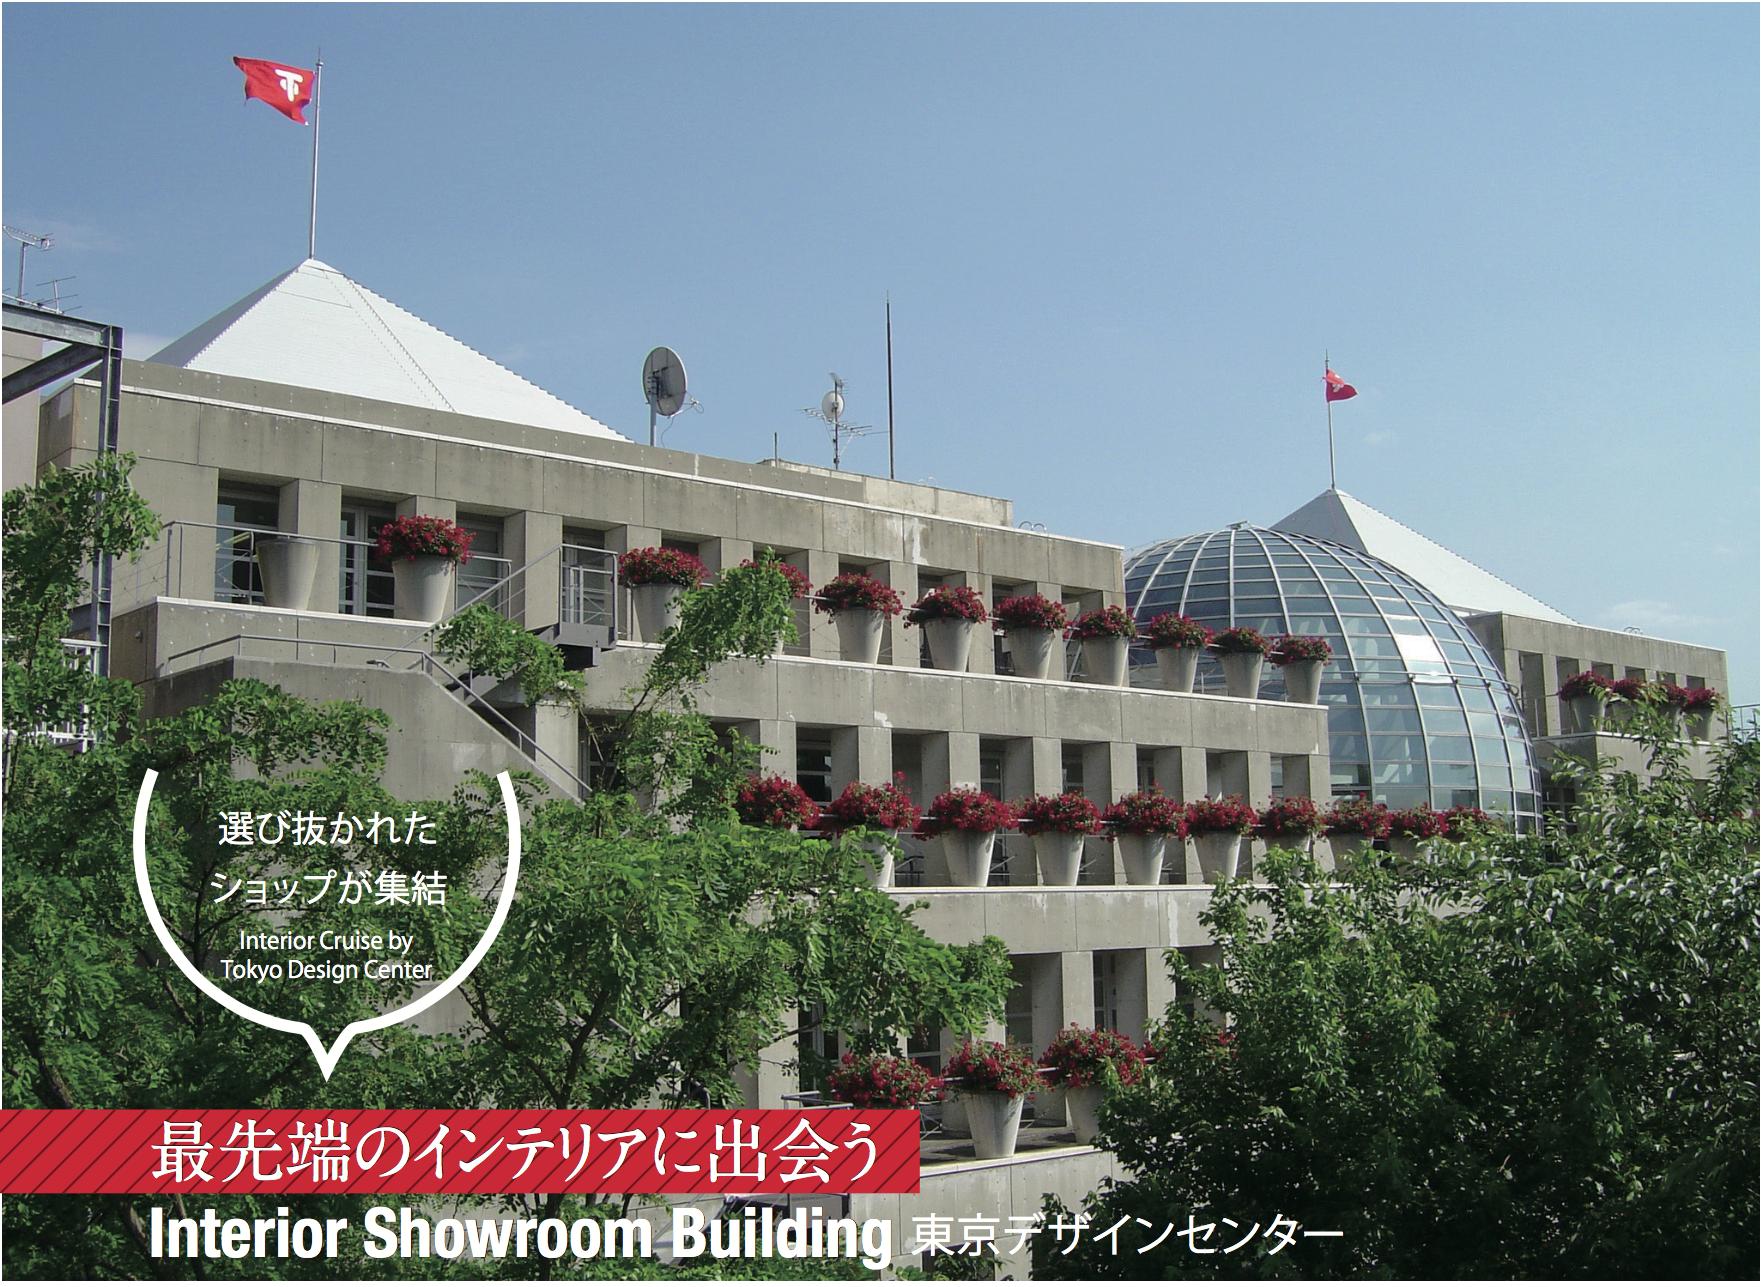 最先端のインテリアに出会う〜東京デザインセンター